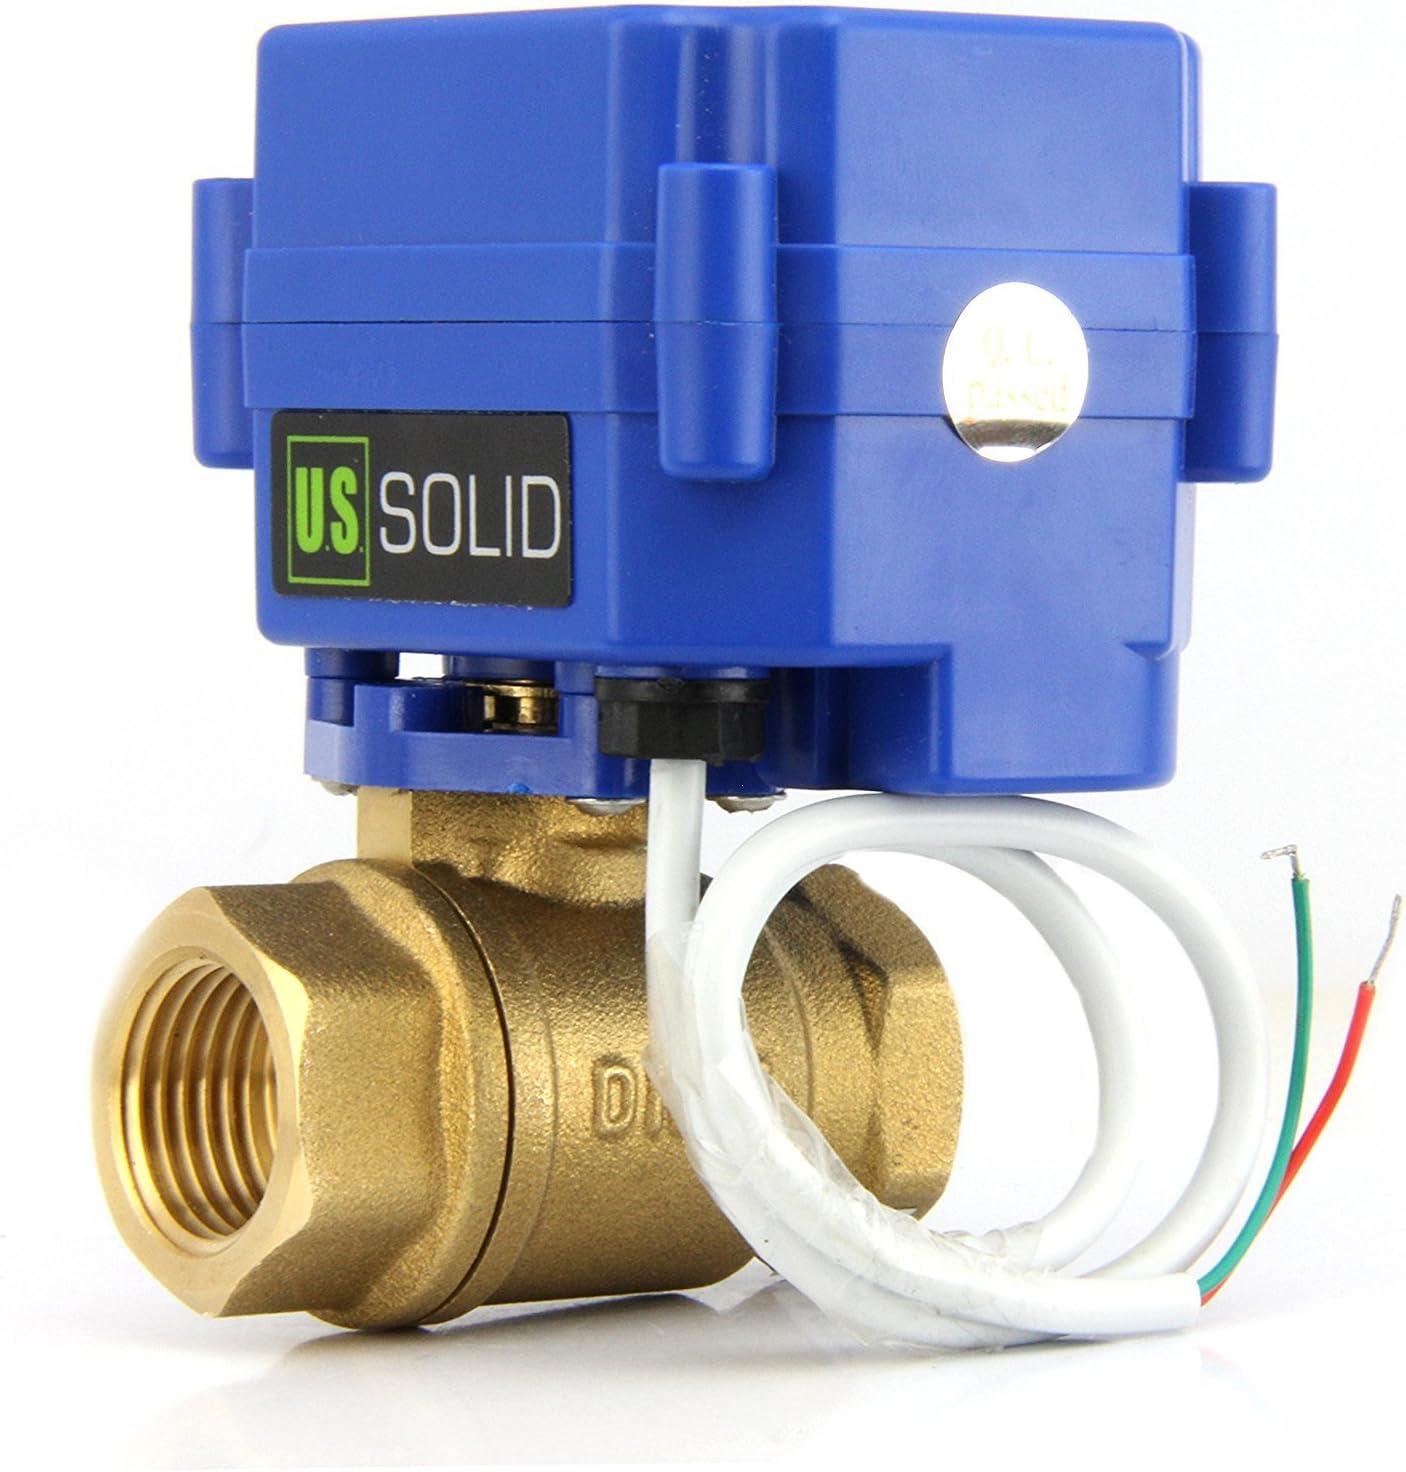 U.S Solid 1//2 Vanne motoris/ée Laiton Vanne a sphere 2 voies motoris/ée electrique 9-24V AC//DC 3 fils